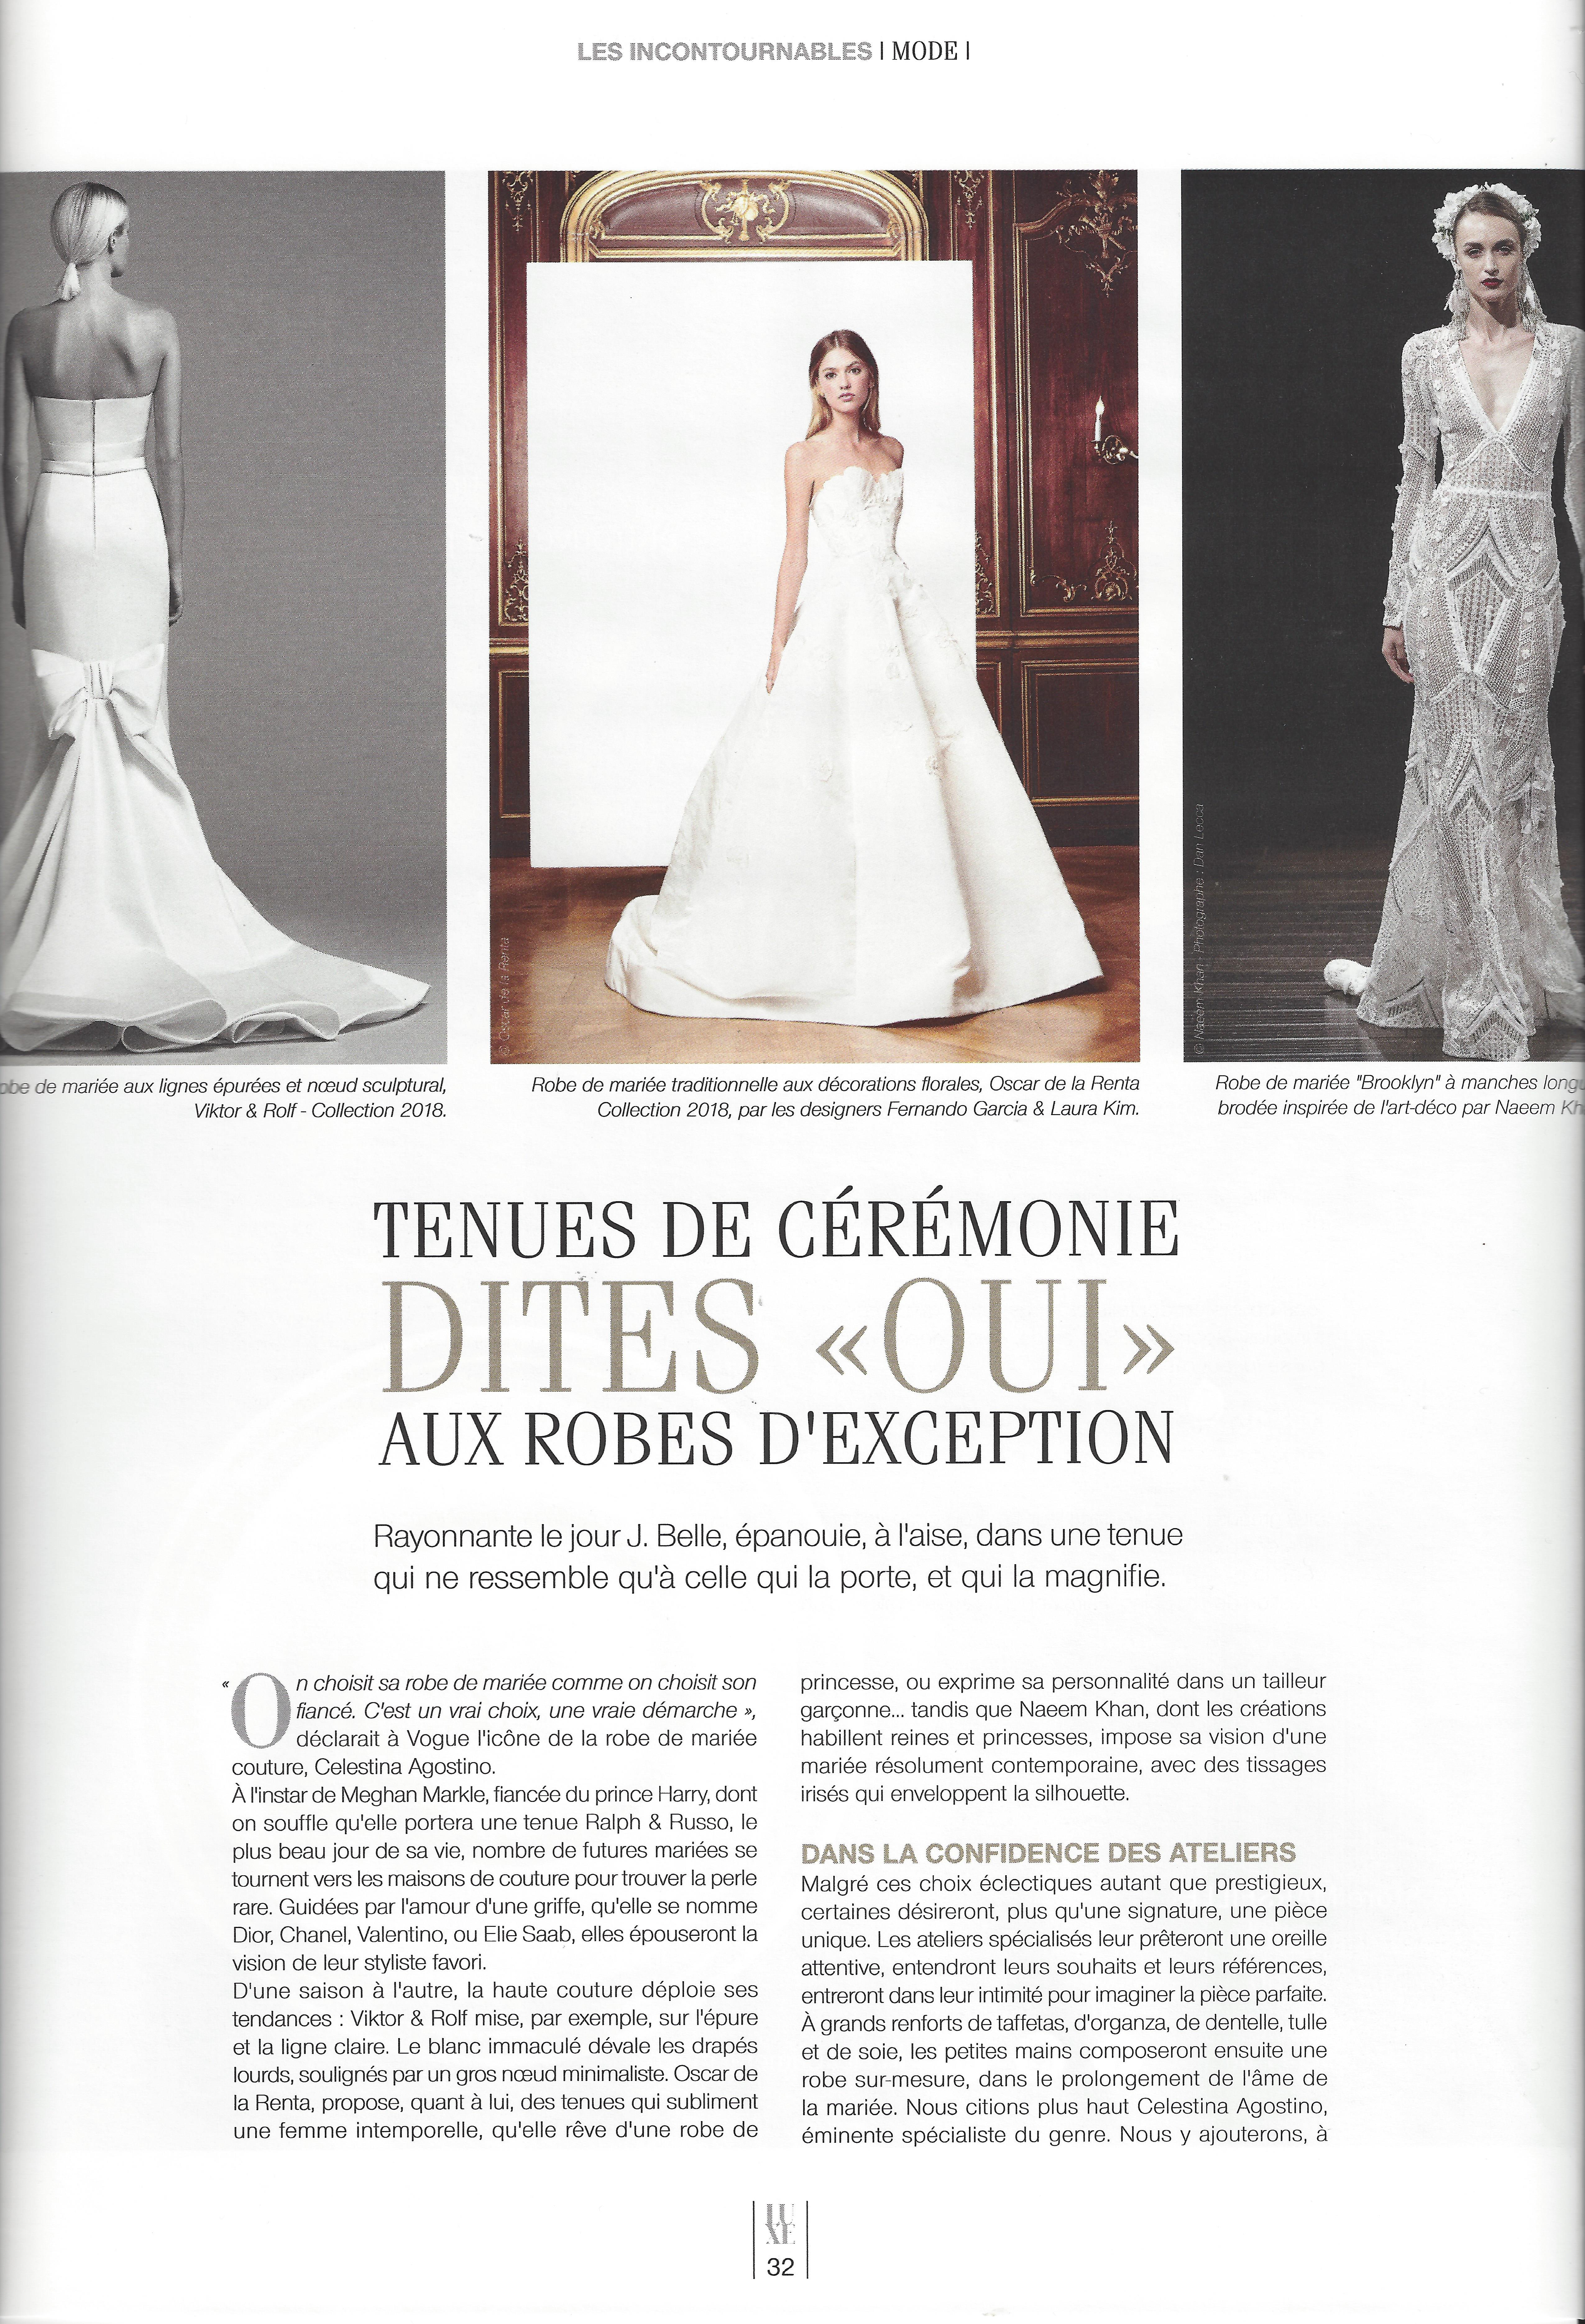 ca8f7bd81f2 Blog Archives - Michel Bonzi Couture